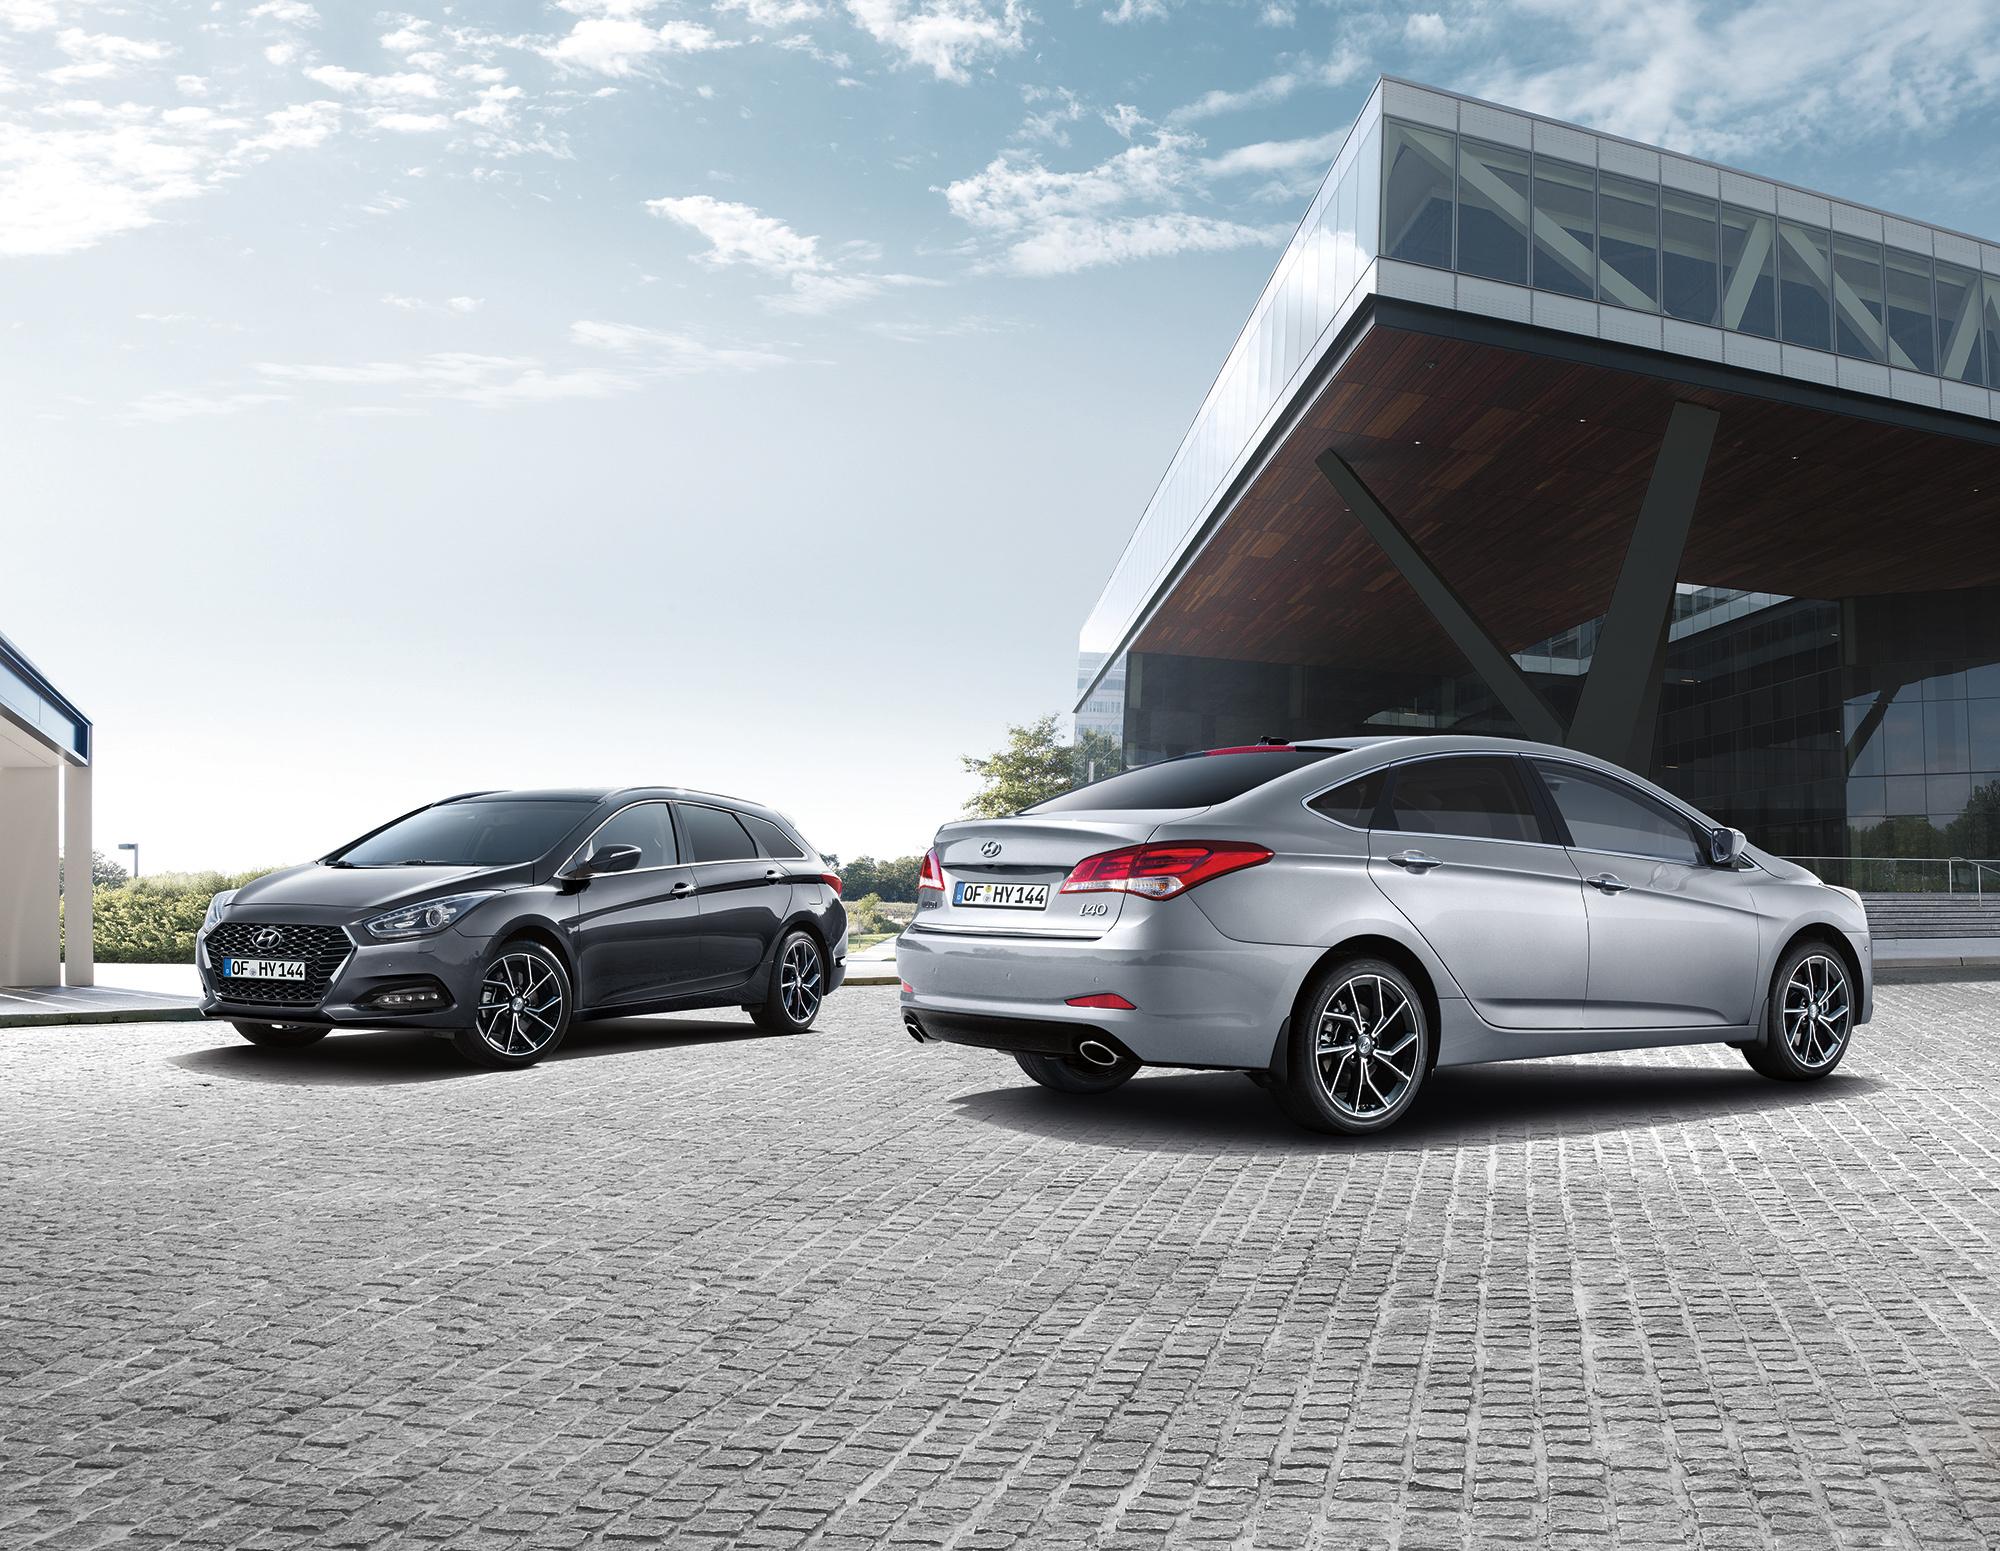 Семейство Hyundai i40 обновили для Европы